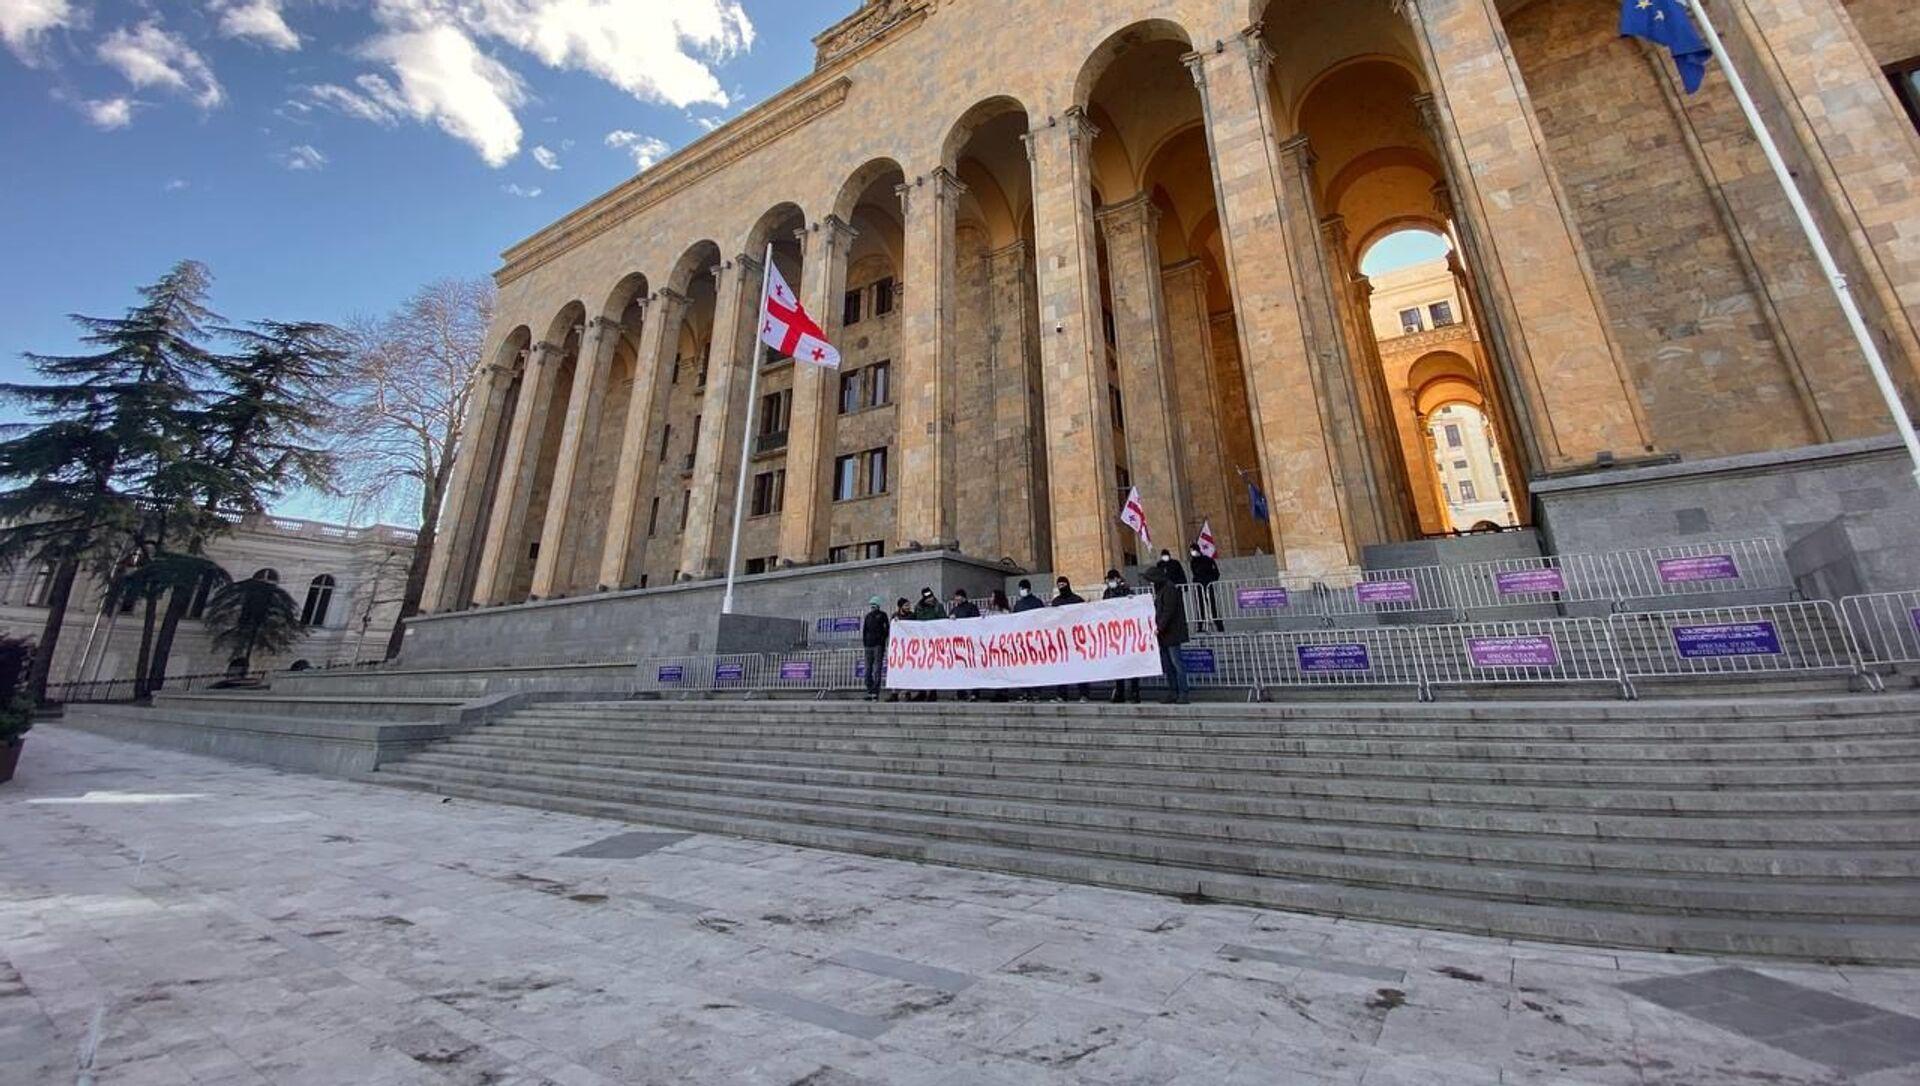 Акция протеста гражданских активистов у здания парламента Грузии - Sputnik Грузия, 1920, 27.04.2021